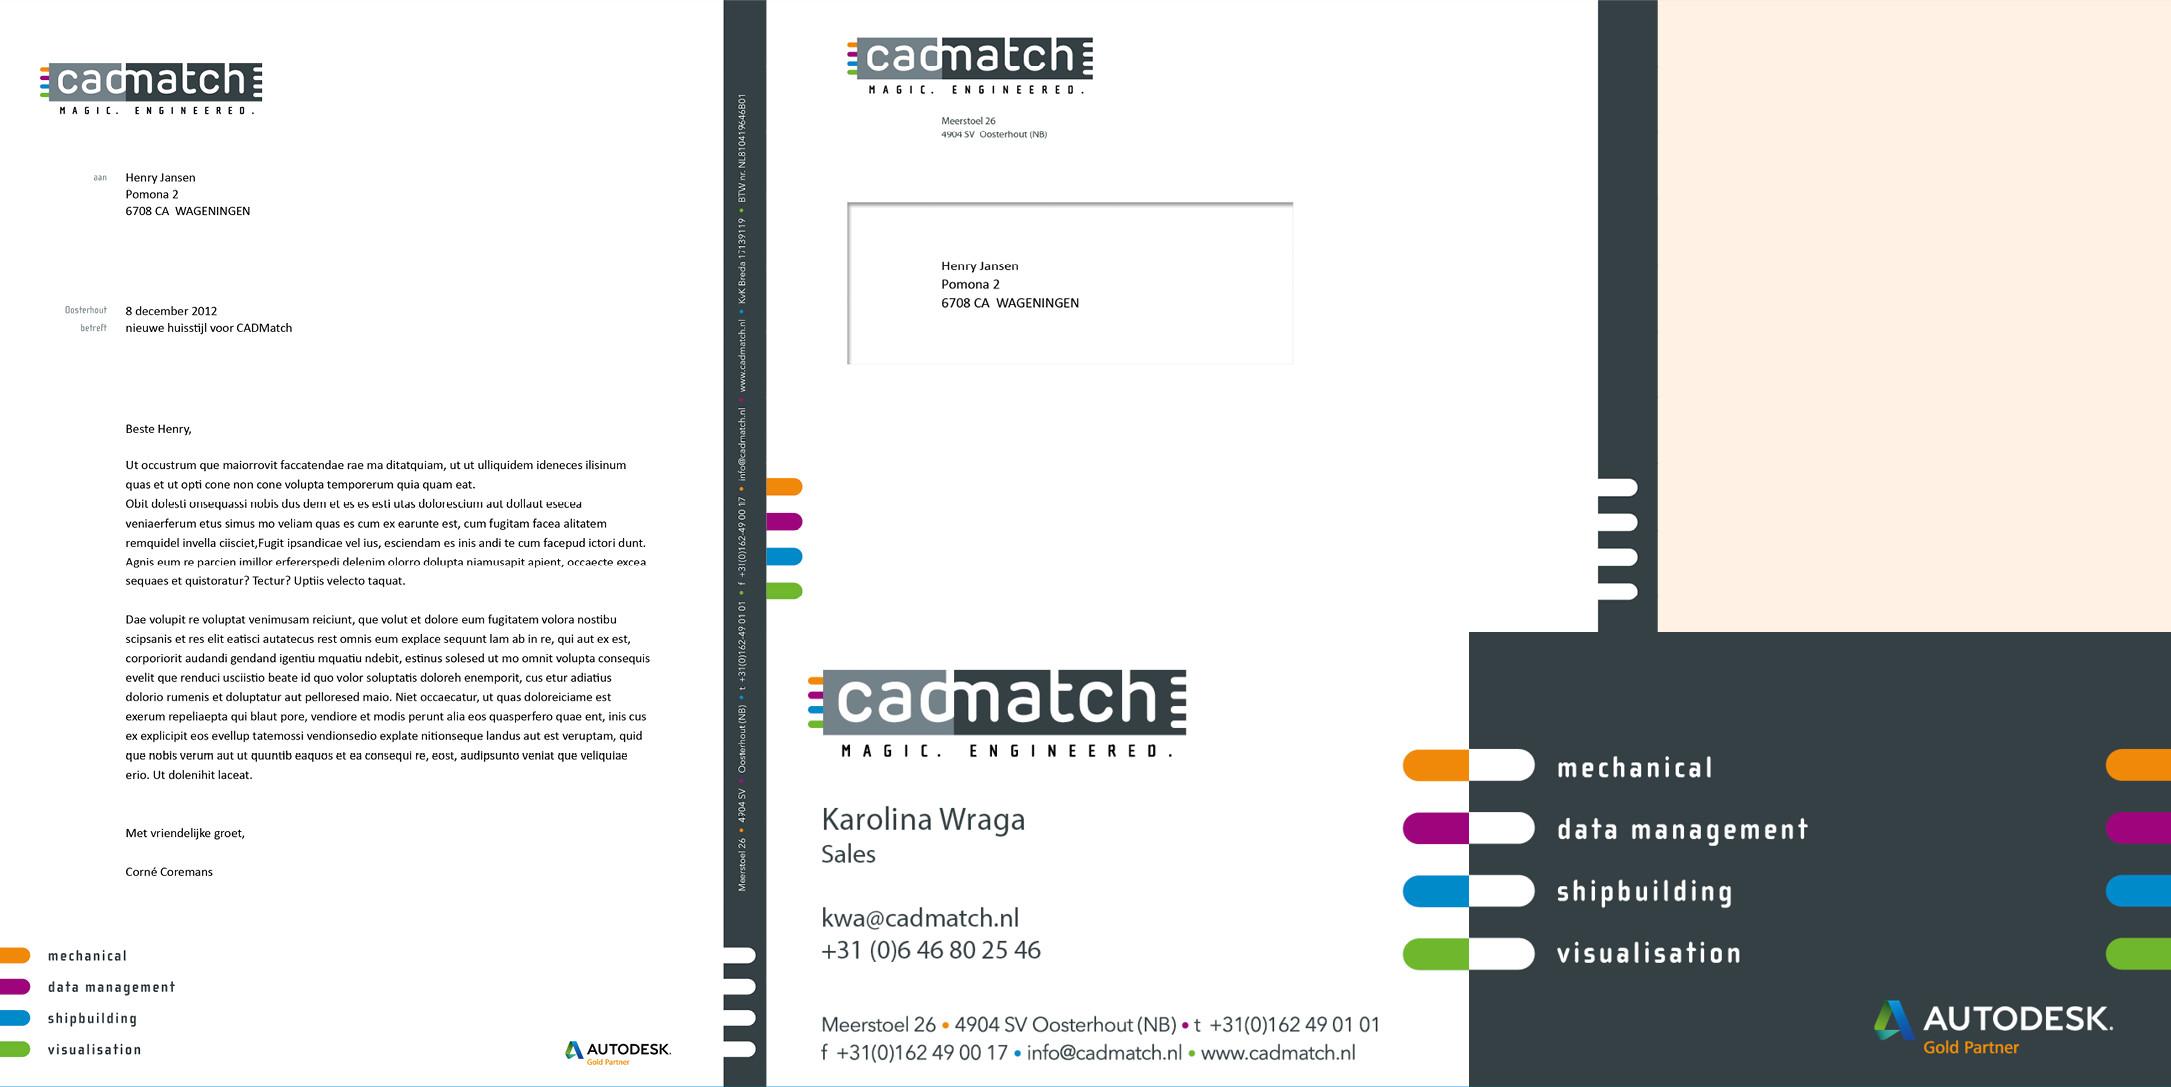 correspondentie Cadmatch